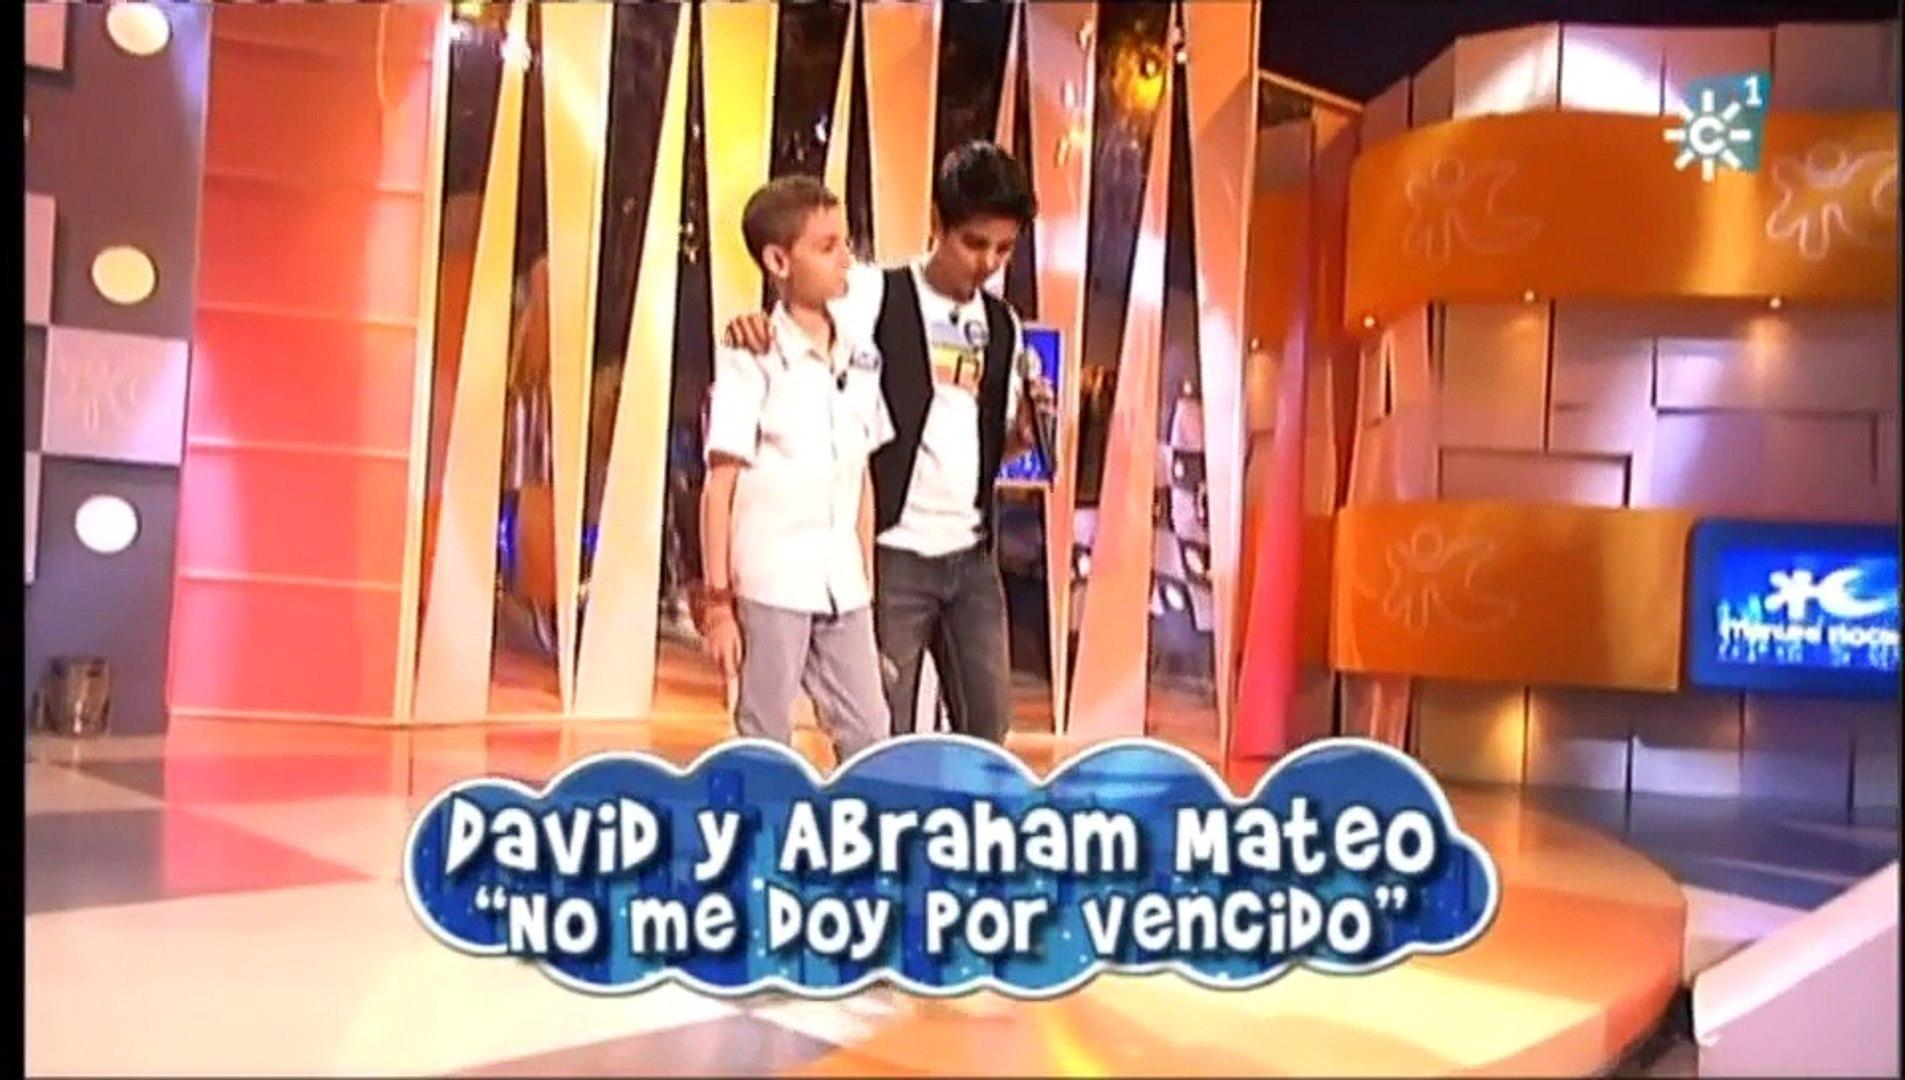 Abraham Mateo Y David Yo No Me Doy Por Vencido Luis Fonsi Menuda Noche Video Dailymotion